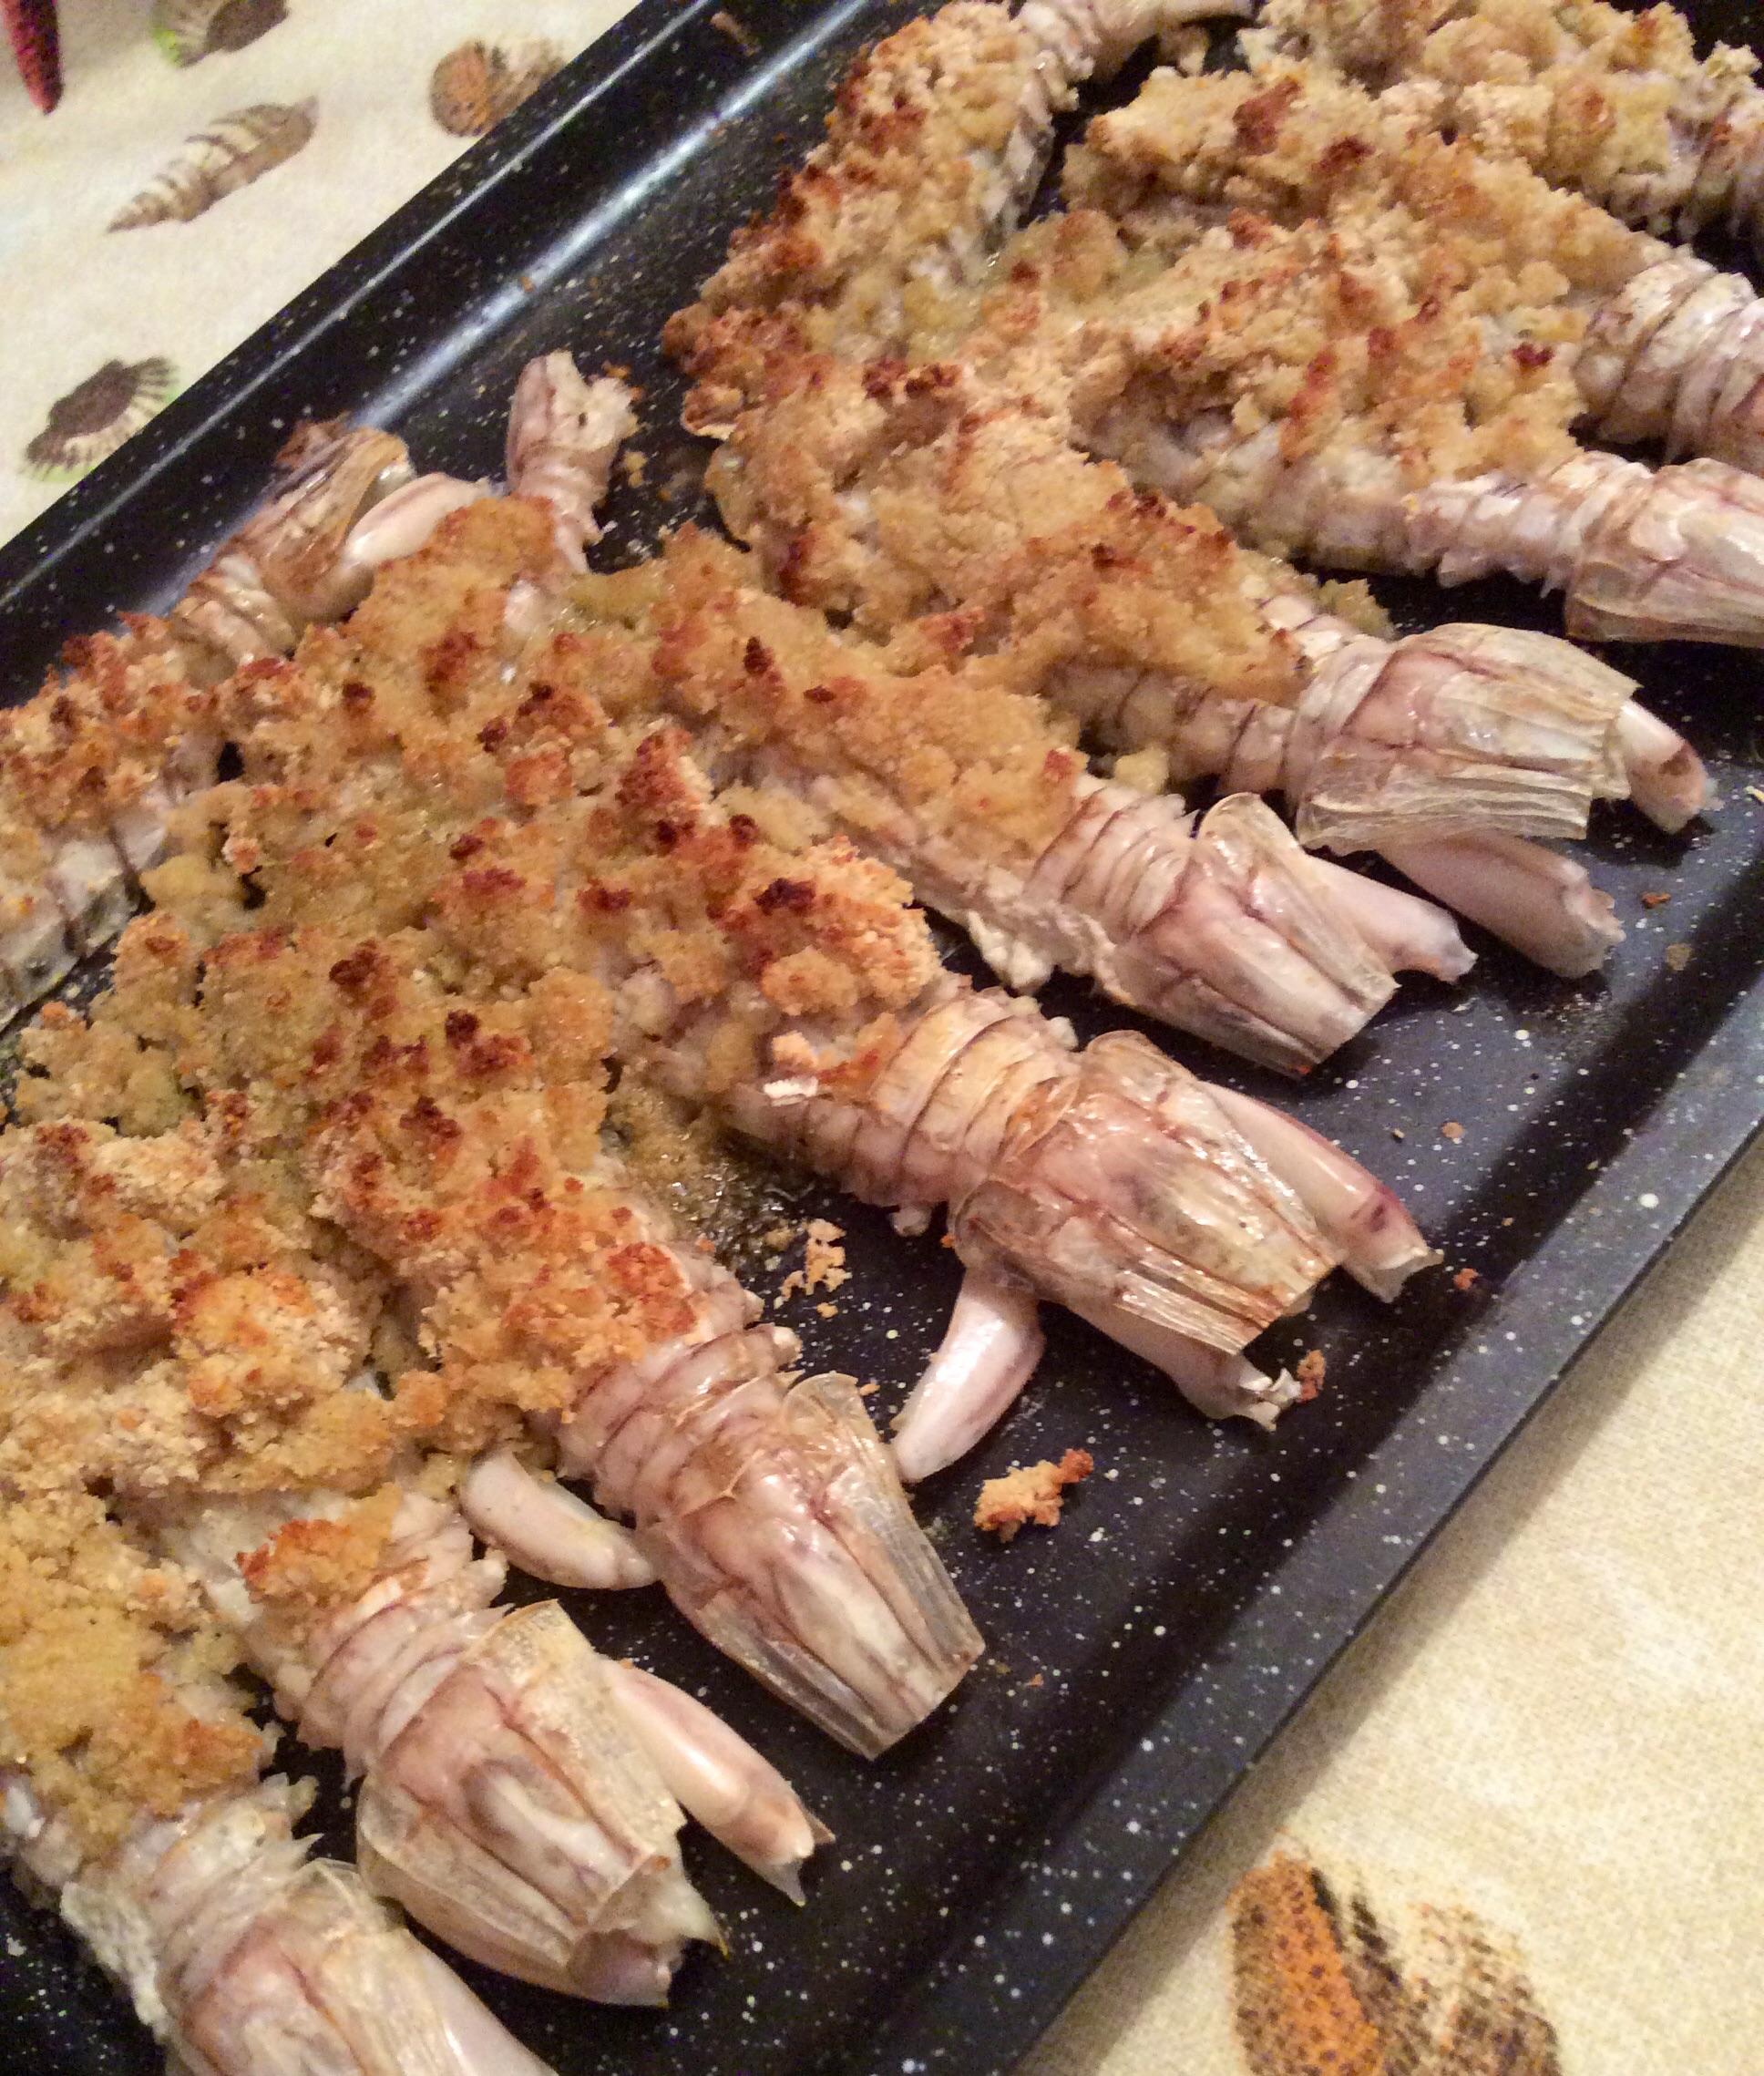 le canocchie chiamate anche cicale di mare o pannocchie sono crostacei squisiti che cucino sempre con piacere in moltissimi modi